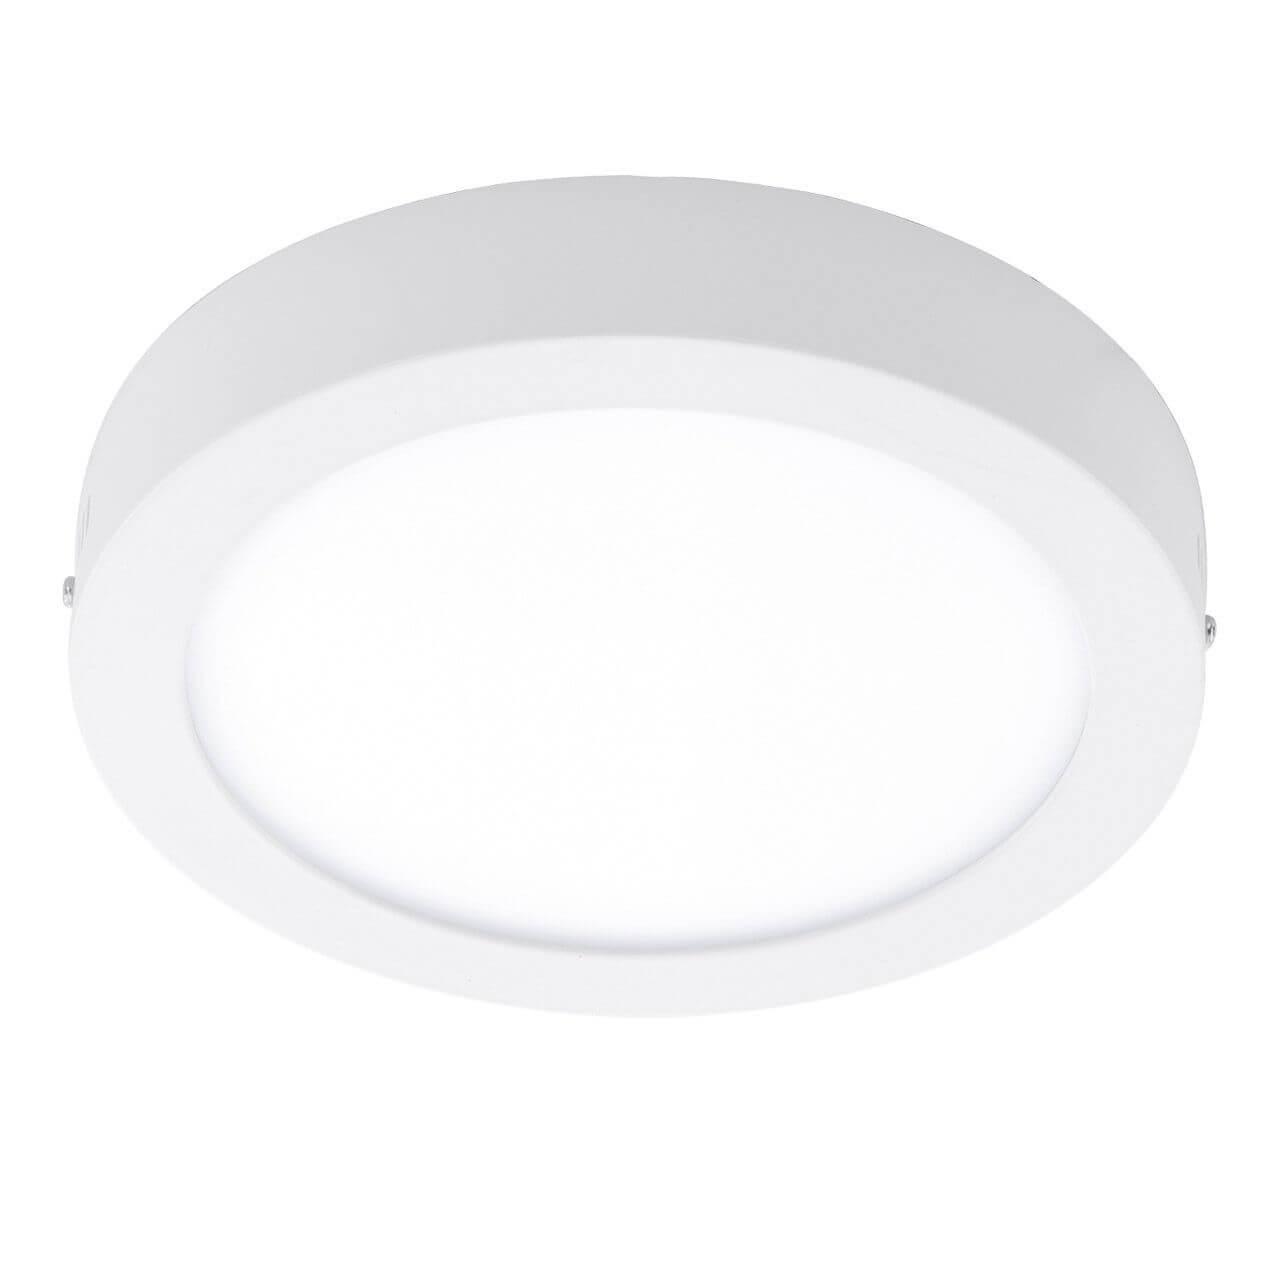 Накладной светильник Eglo 96253, LED, 22 Вт цены